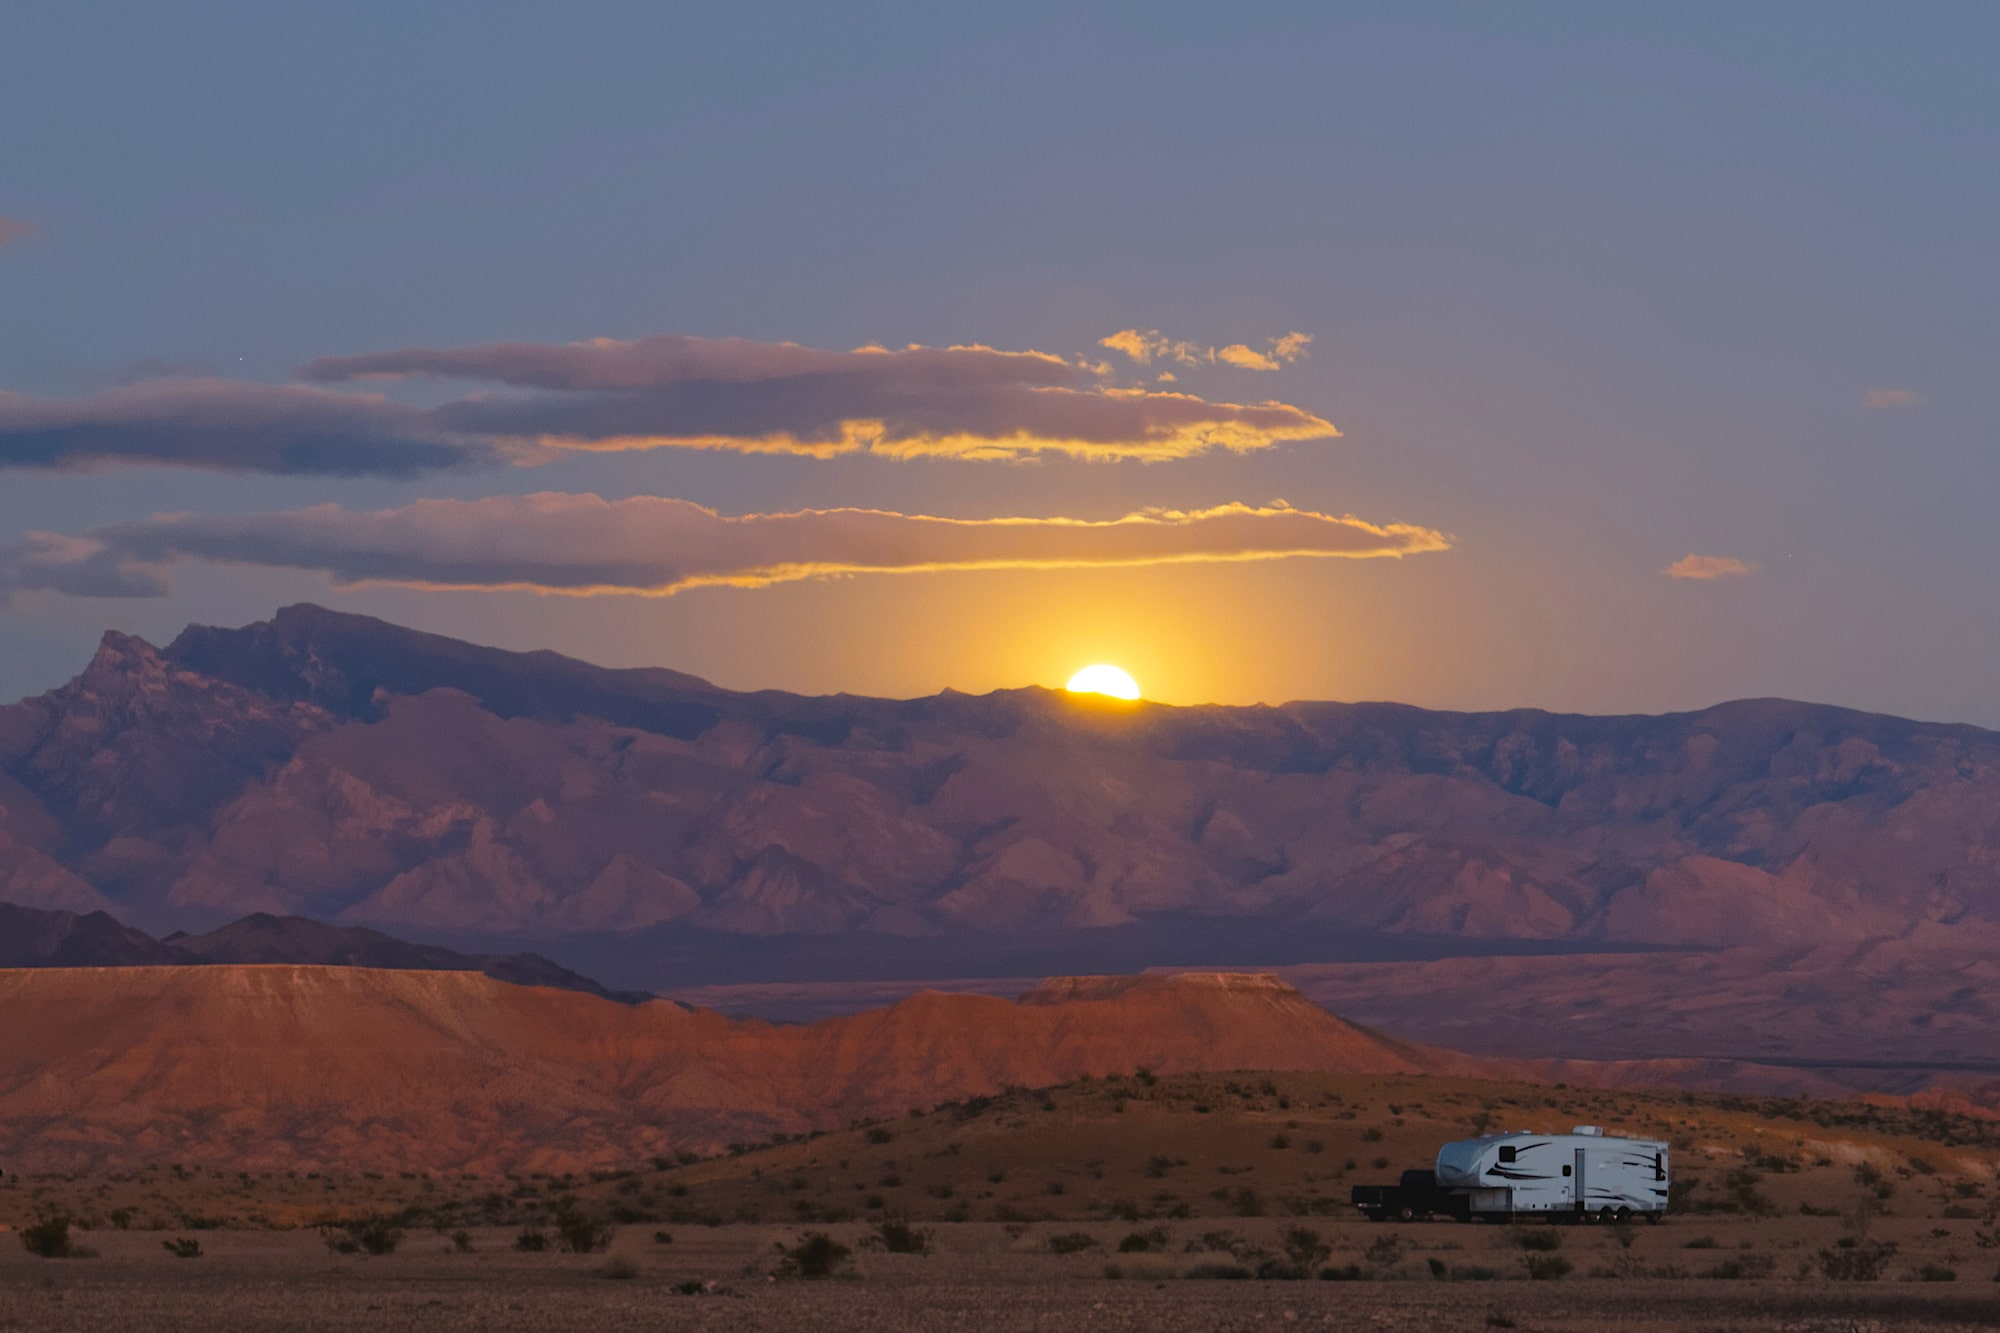 lone rv in desert sunset